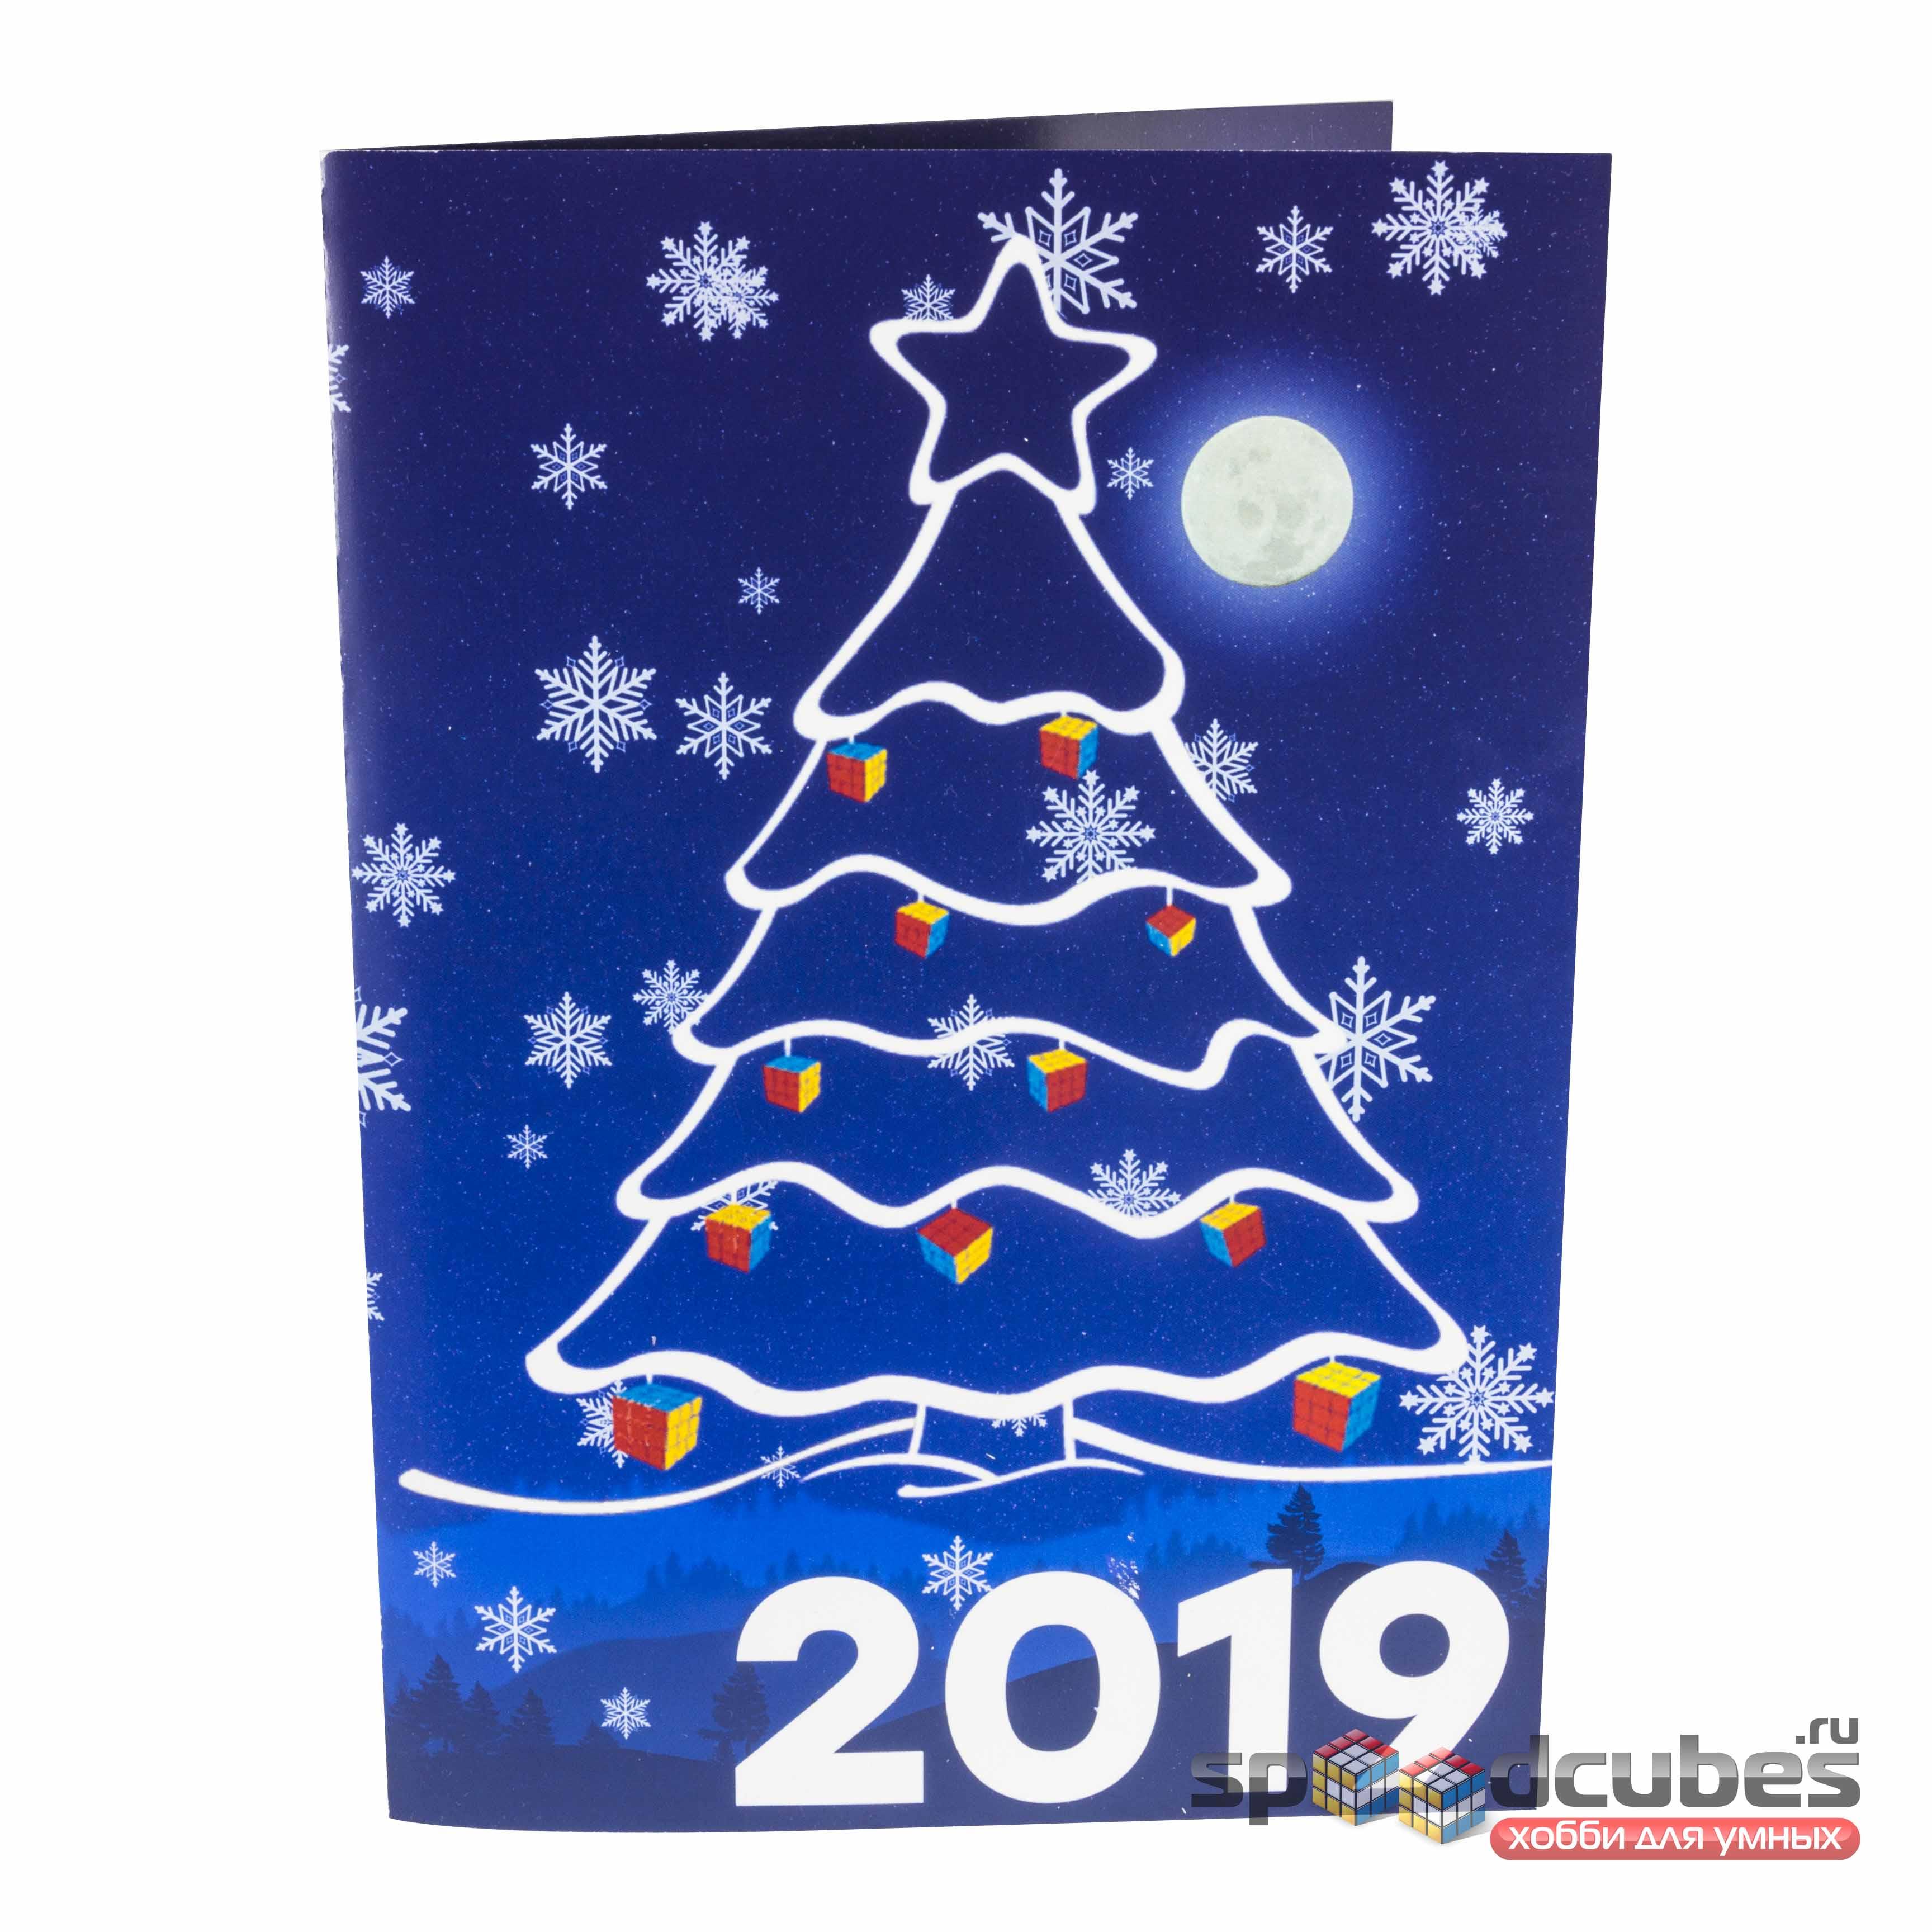 Новогодняя открытка By Speedcubes